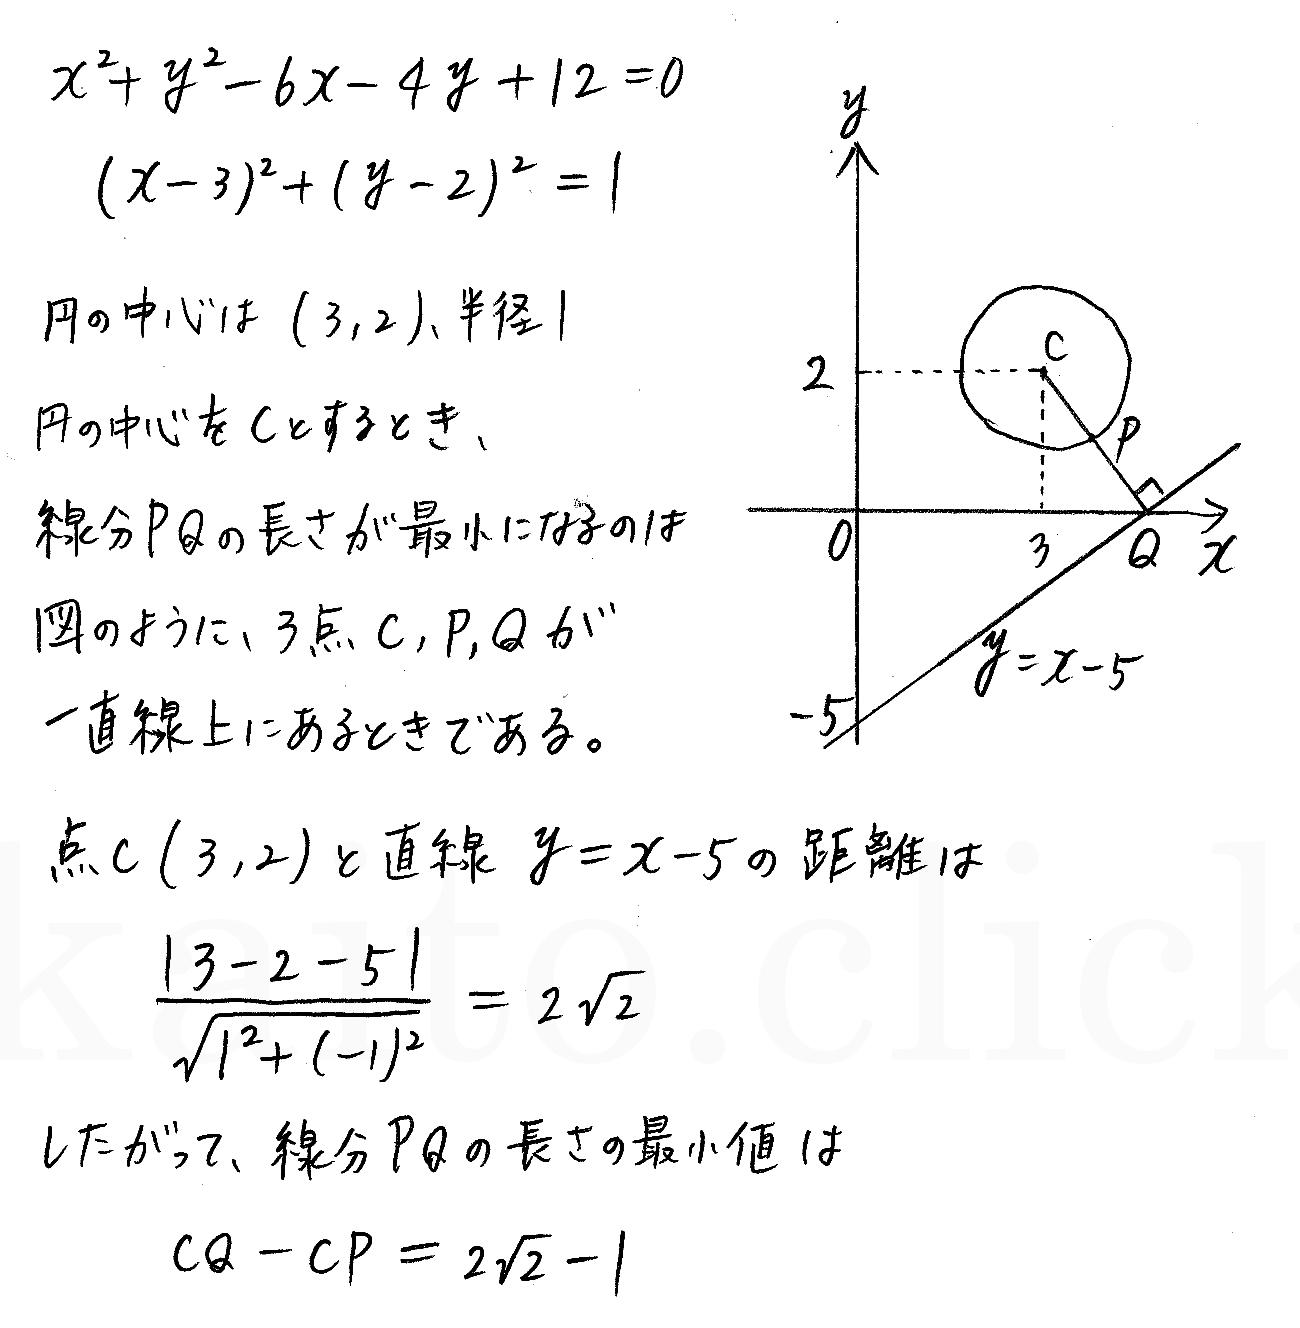 クリアー数学2-231解答